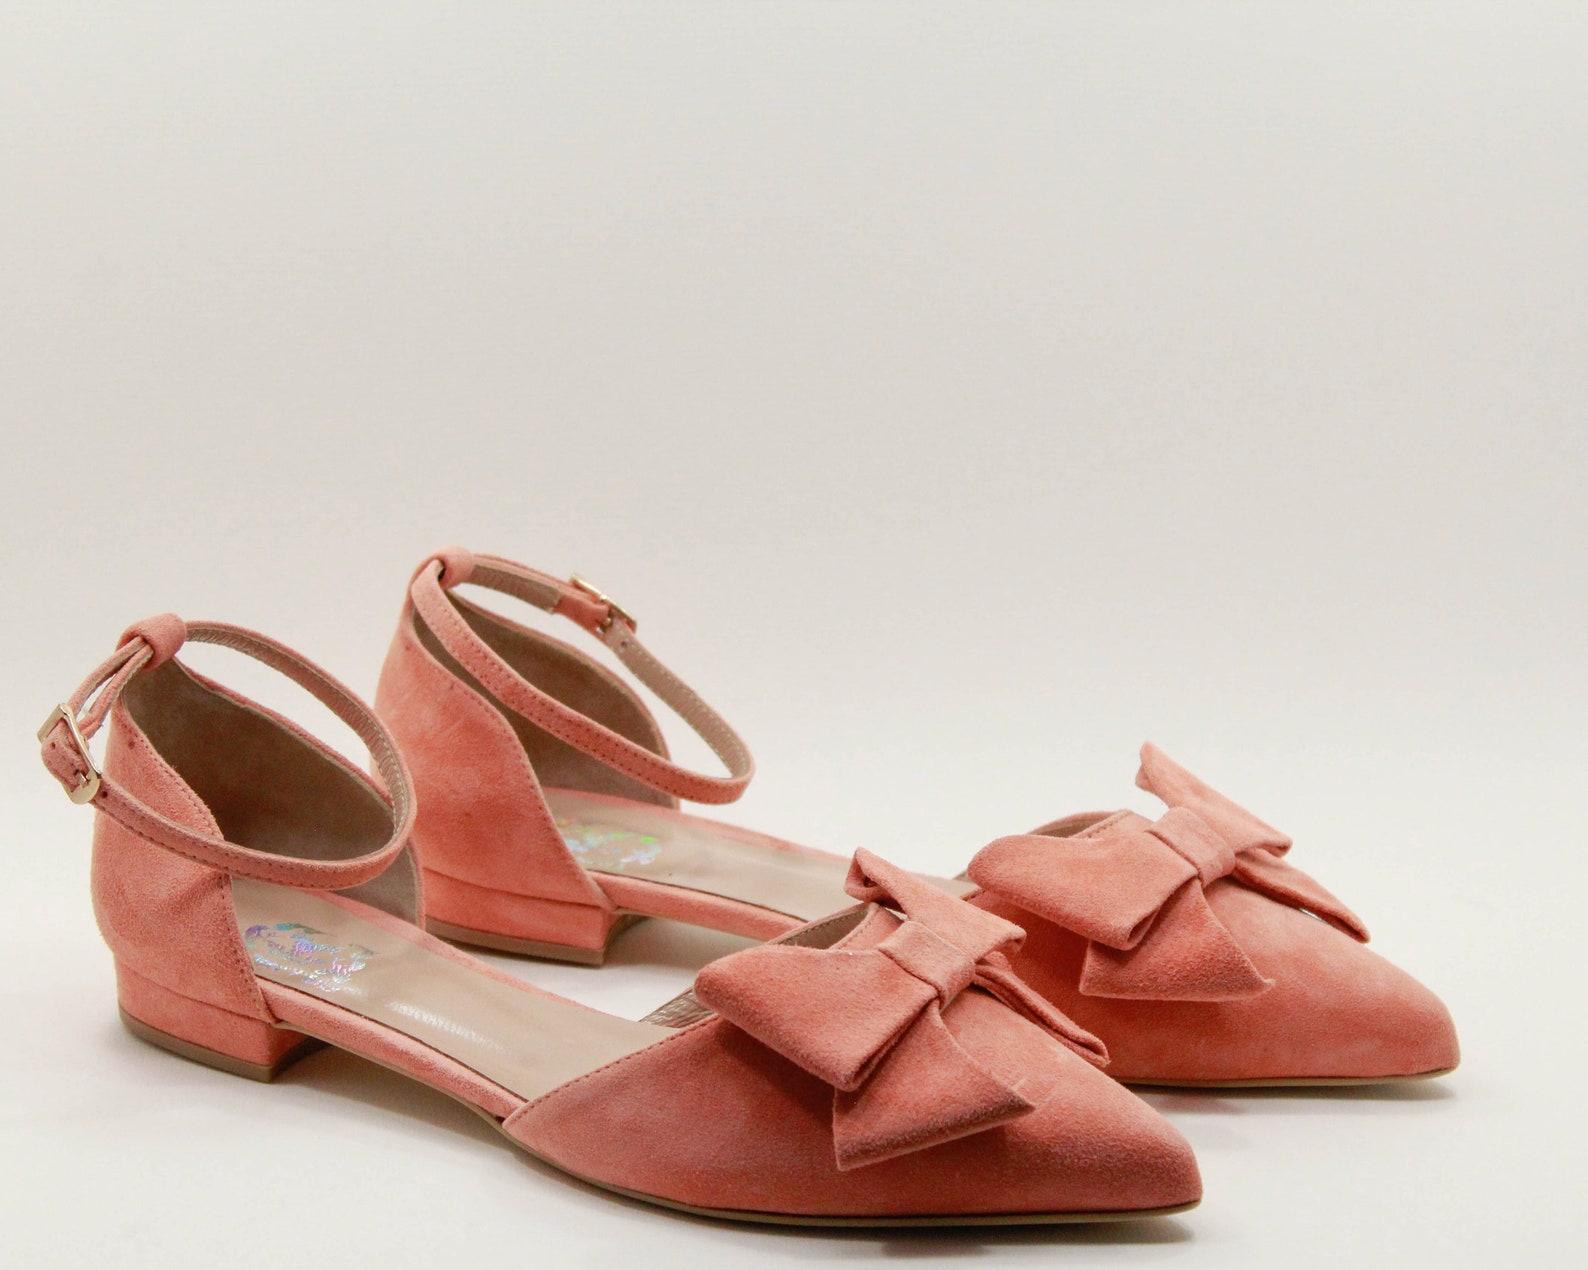 women flat shoes flats handmade ballerinas leather ballerinas bows womens shoes bows womens ballet shoes flats womens flat shoes